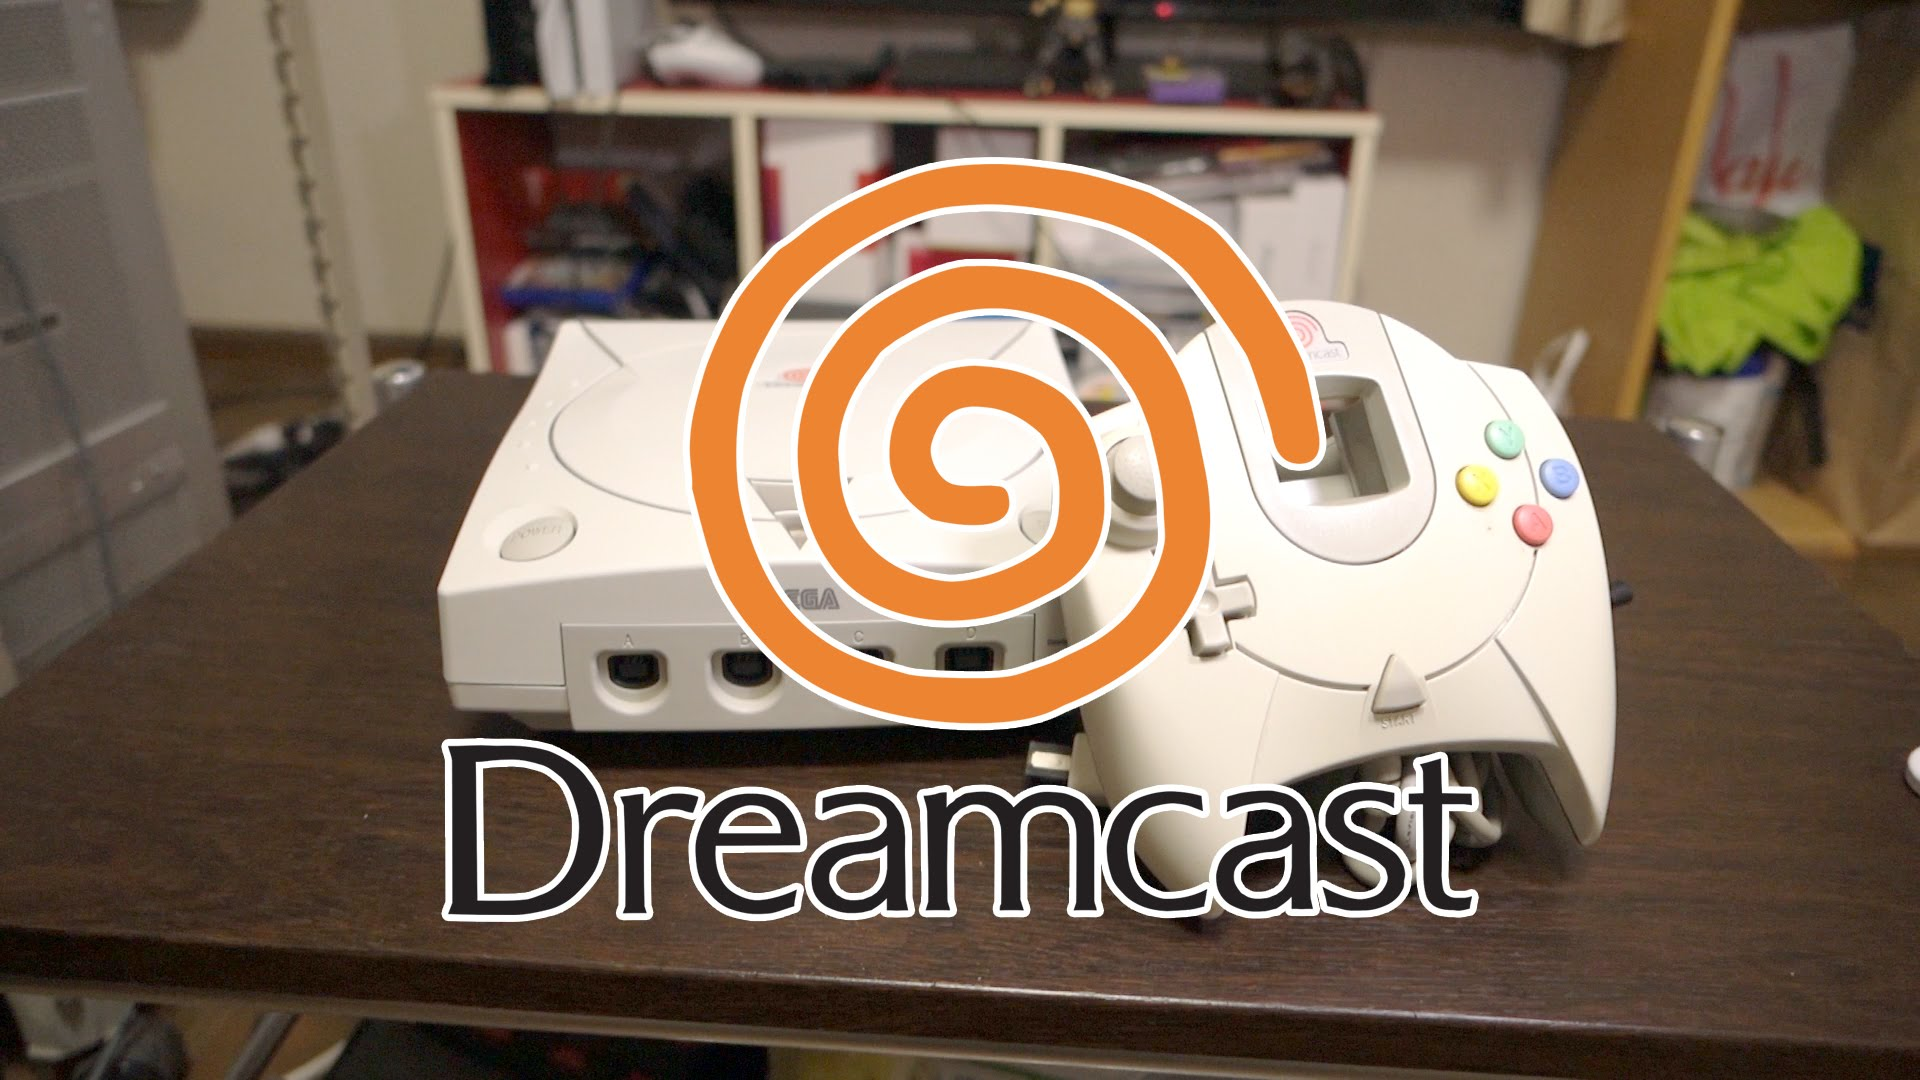 【長年の夢】中古のDreamcastを購入【ようやく達成】